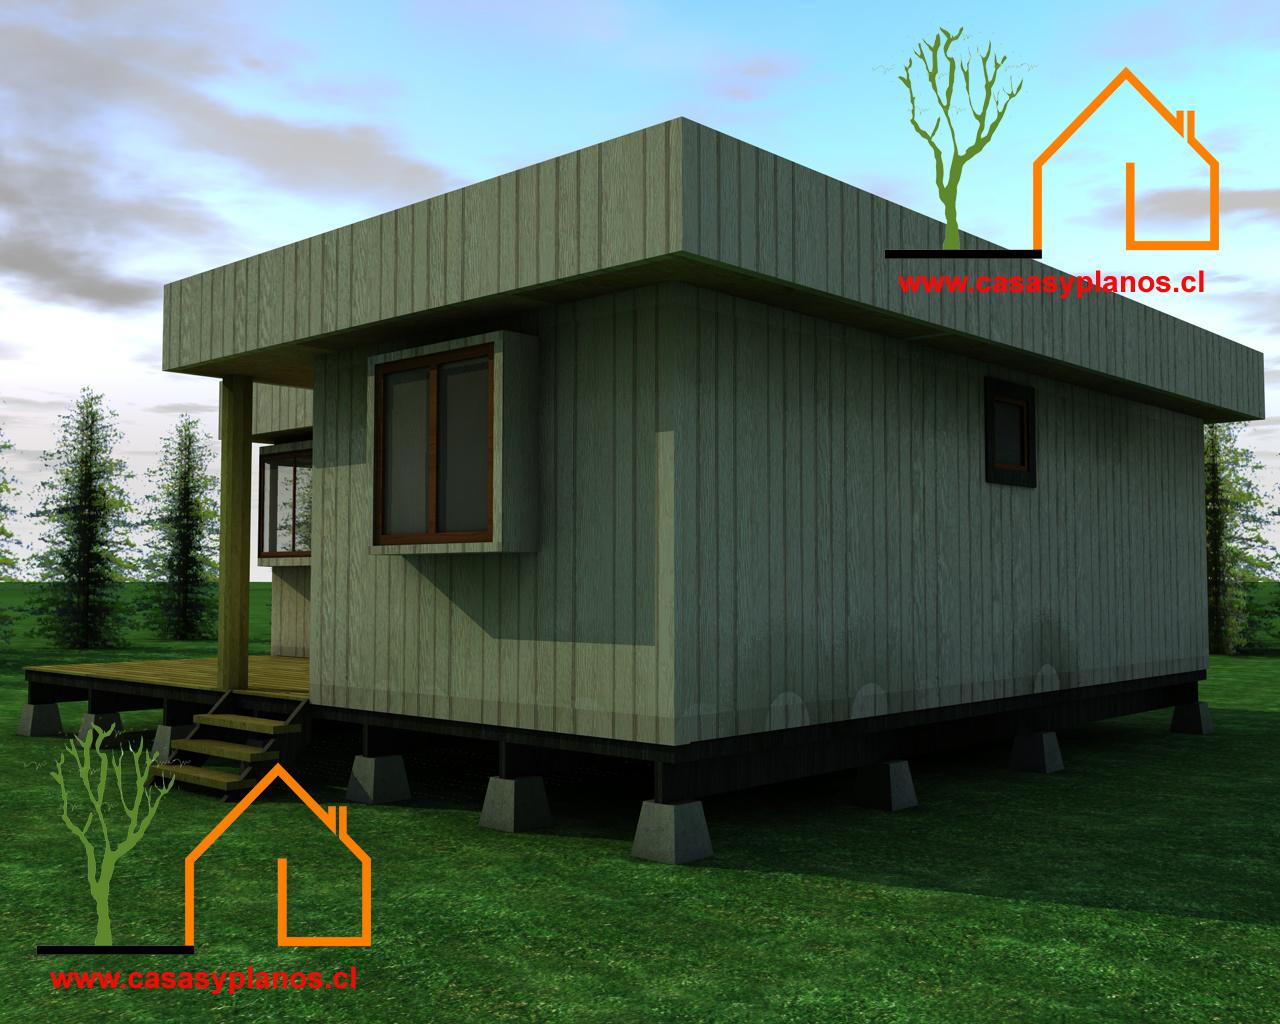 Casa cubo prefabricada 50 metros cuadrados planos y casas - Casas cubo prefabricadas ...